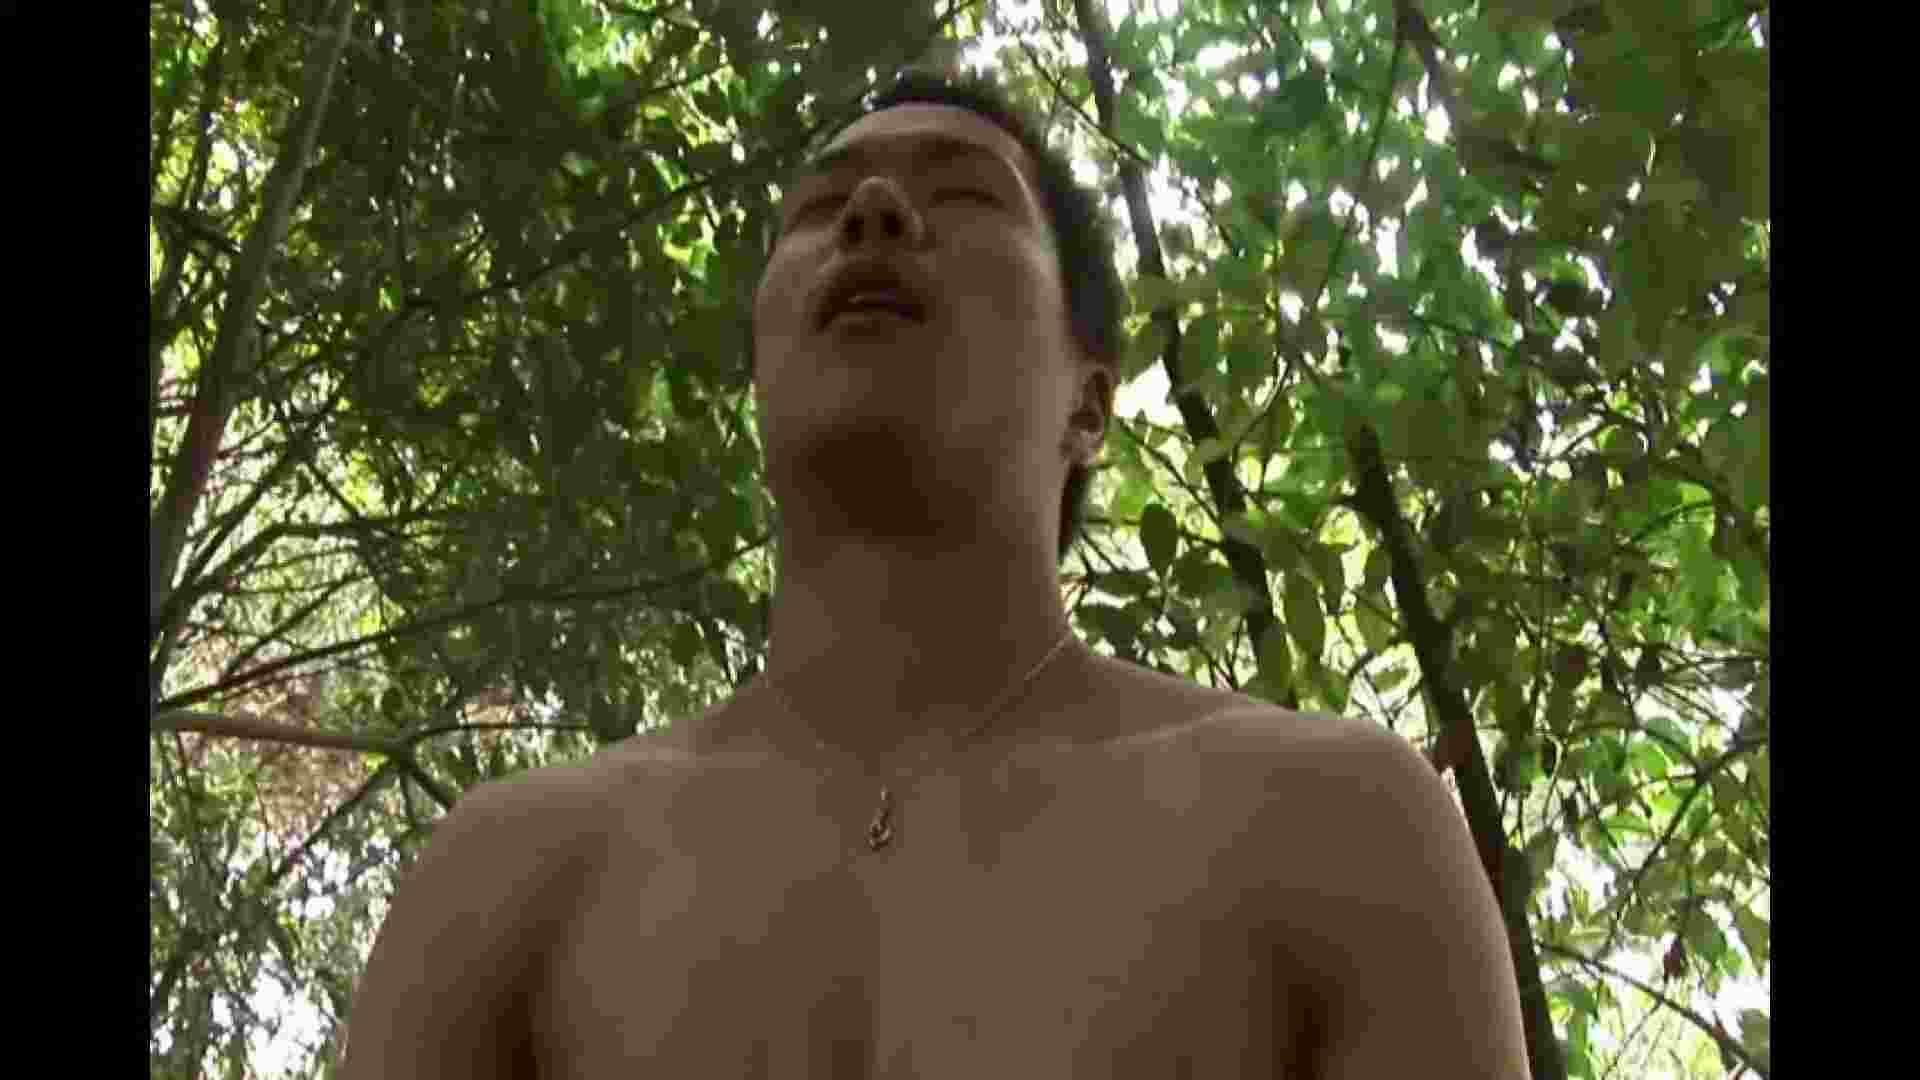 突然ですがしゃぶらせてください Vol.19 野外露出 ゲイ素人エロ画像 86枚 62